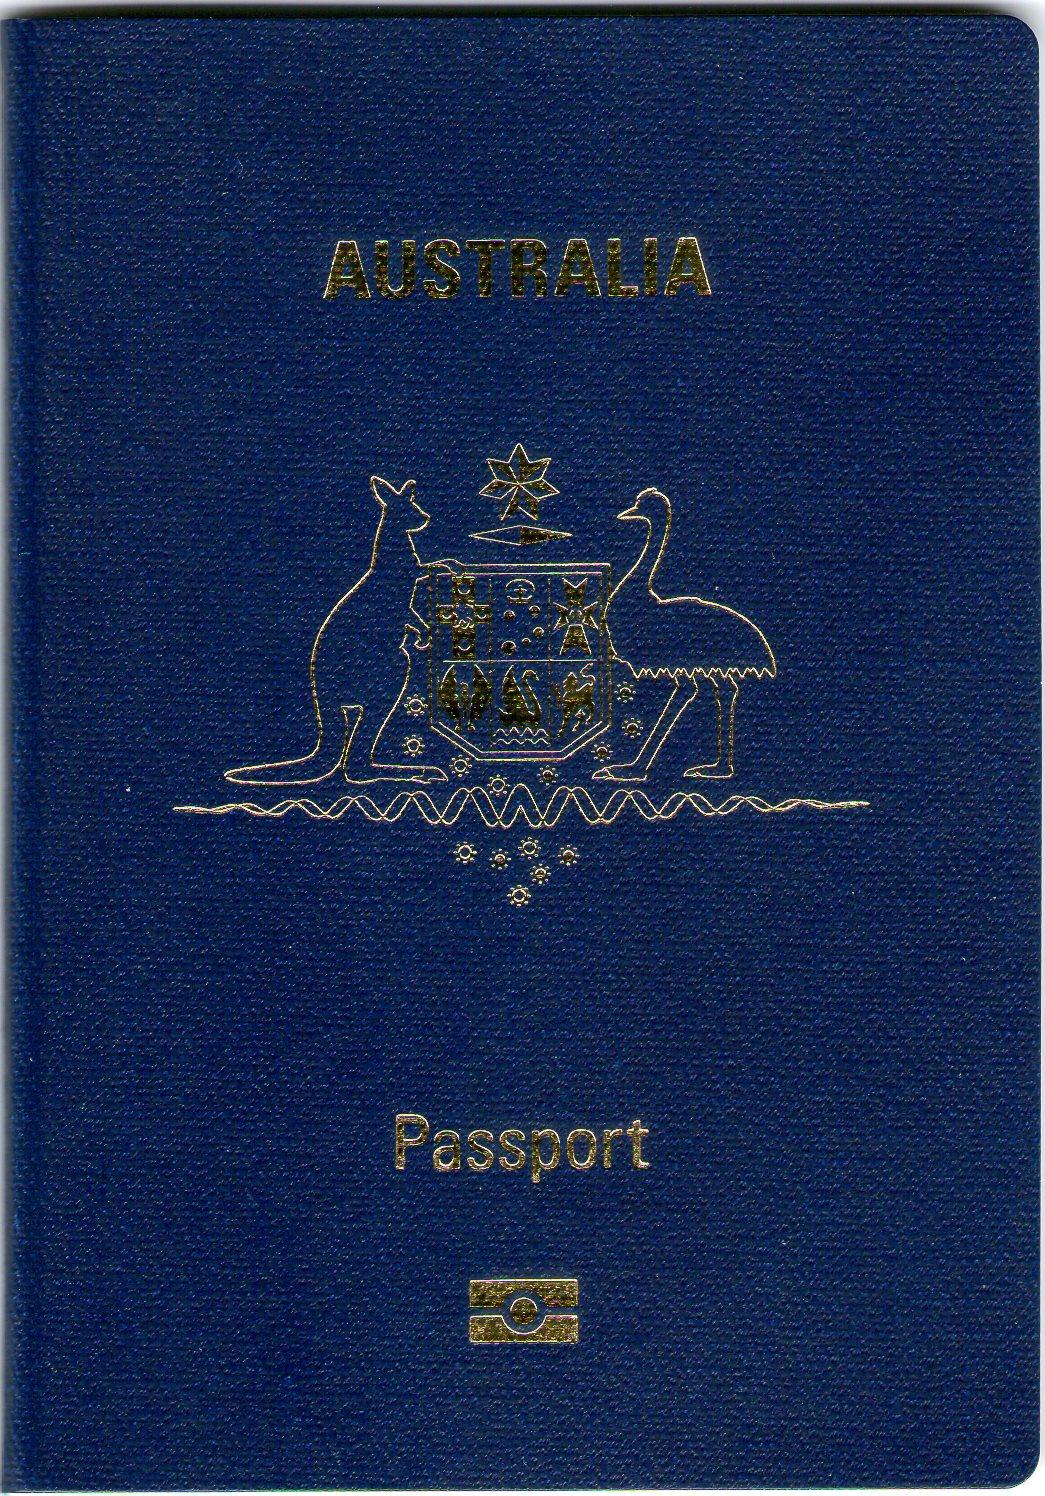 بالصور صور جواز سفر , صور مجموعة جوازات السفر جميع الدول 2954 12